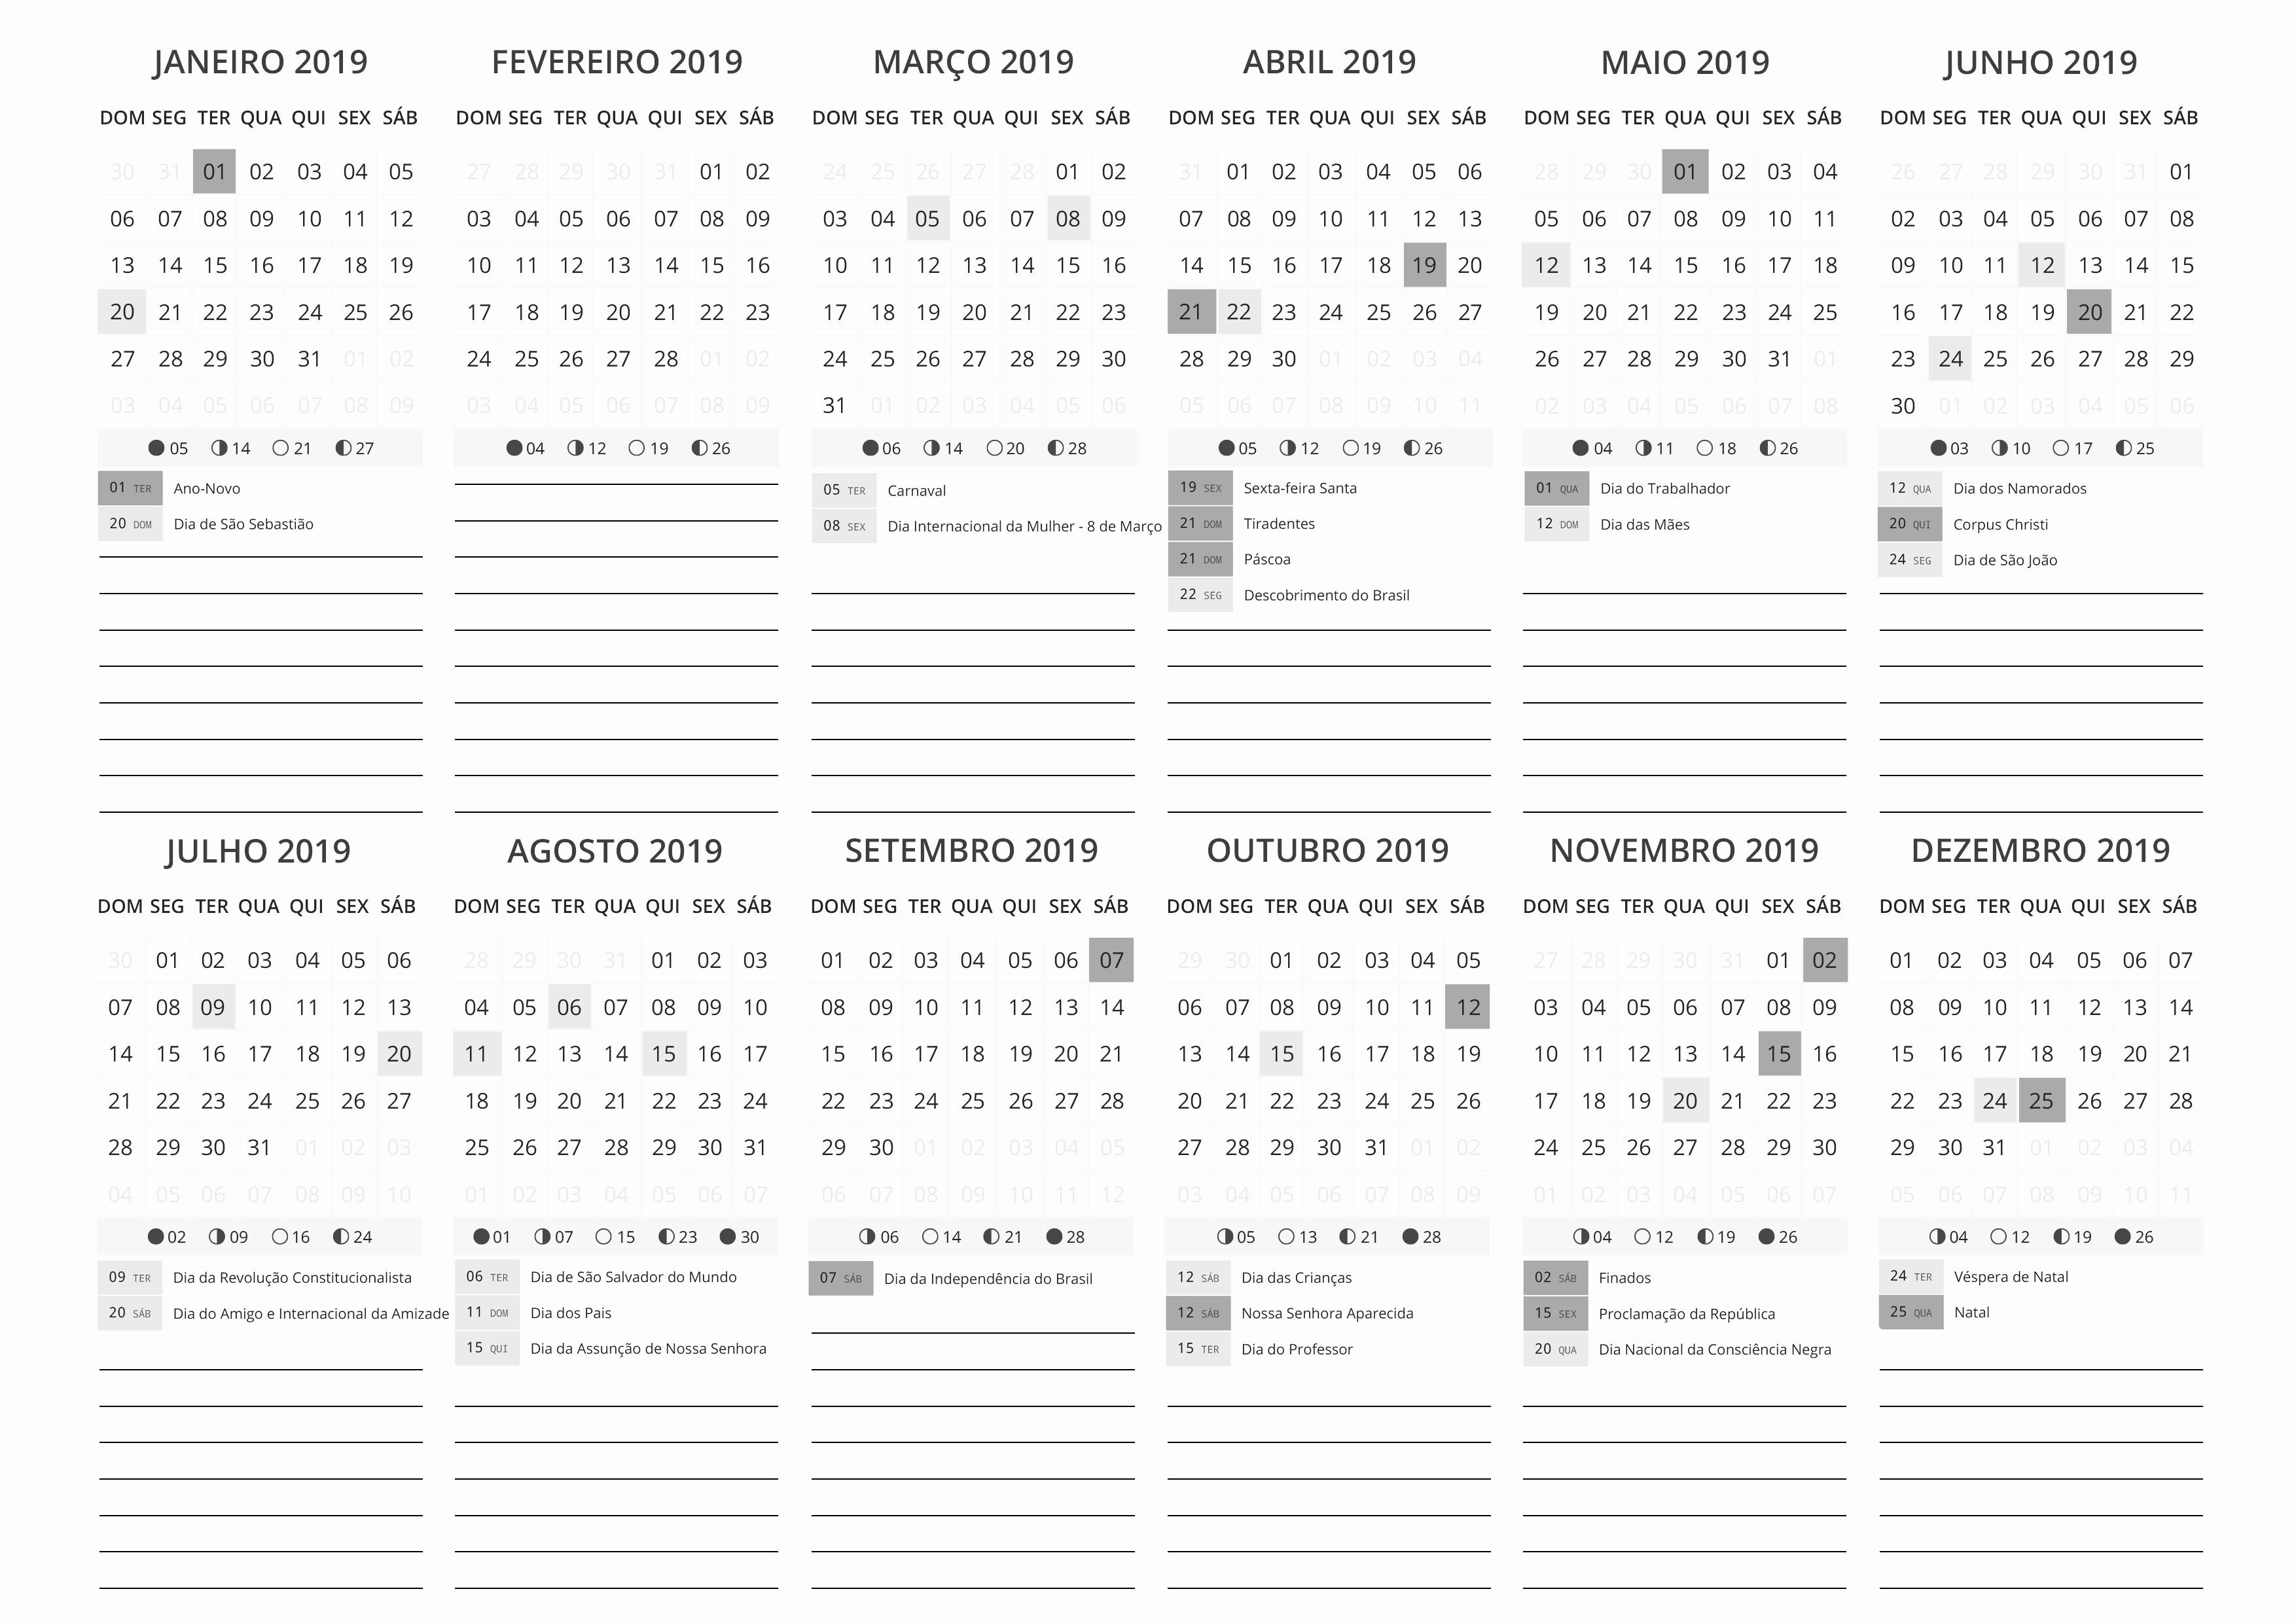 Calendario Febrero 2019 Minimalista Más Arriba-a-fecha Calendario 2019 Para Imprimir Fazendo A Nossa Festa Of Calendario Febrero 2019 Minimalista Recientes Calendario De Ejercicios En Casa 2019 Calendario Escolar 2018 19